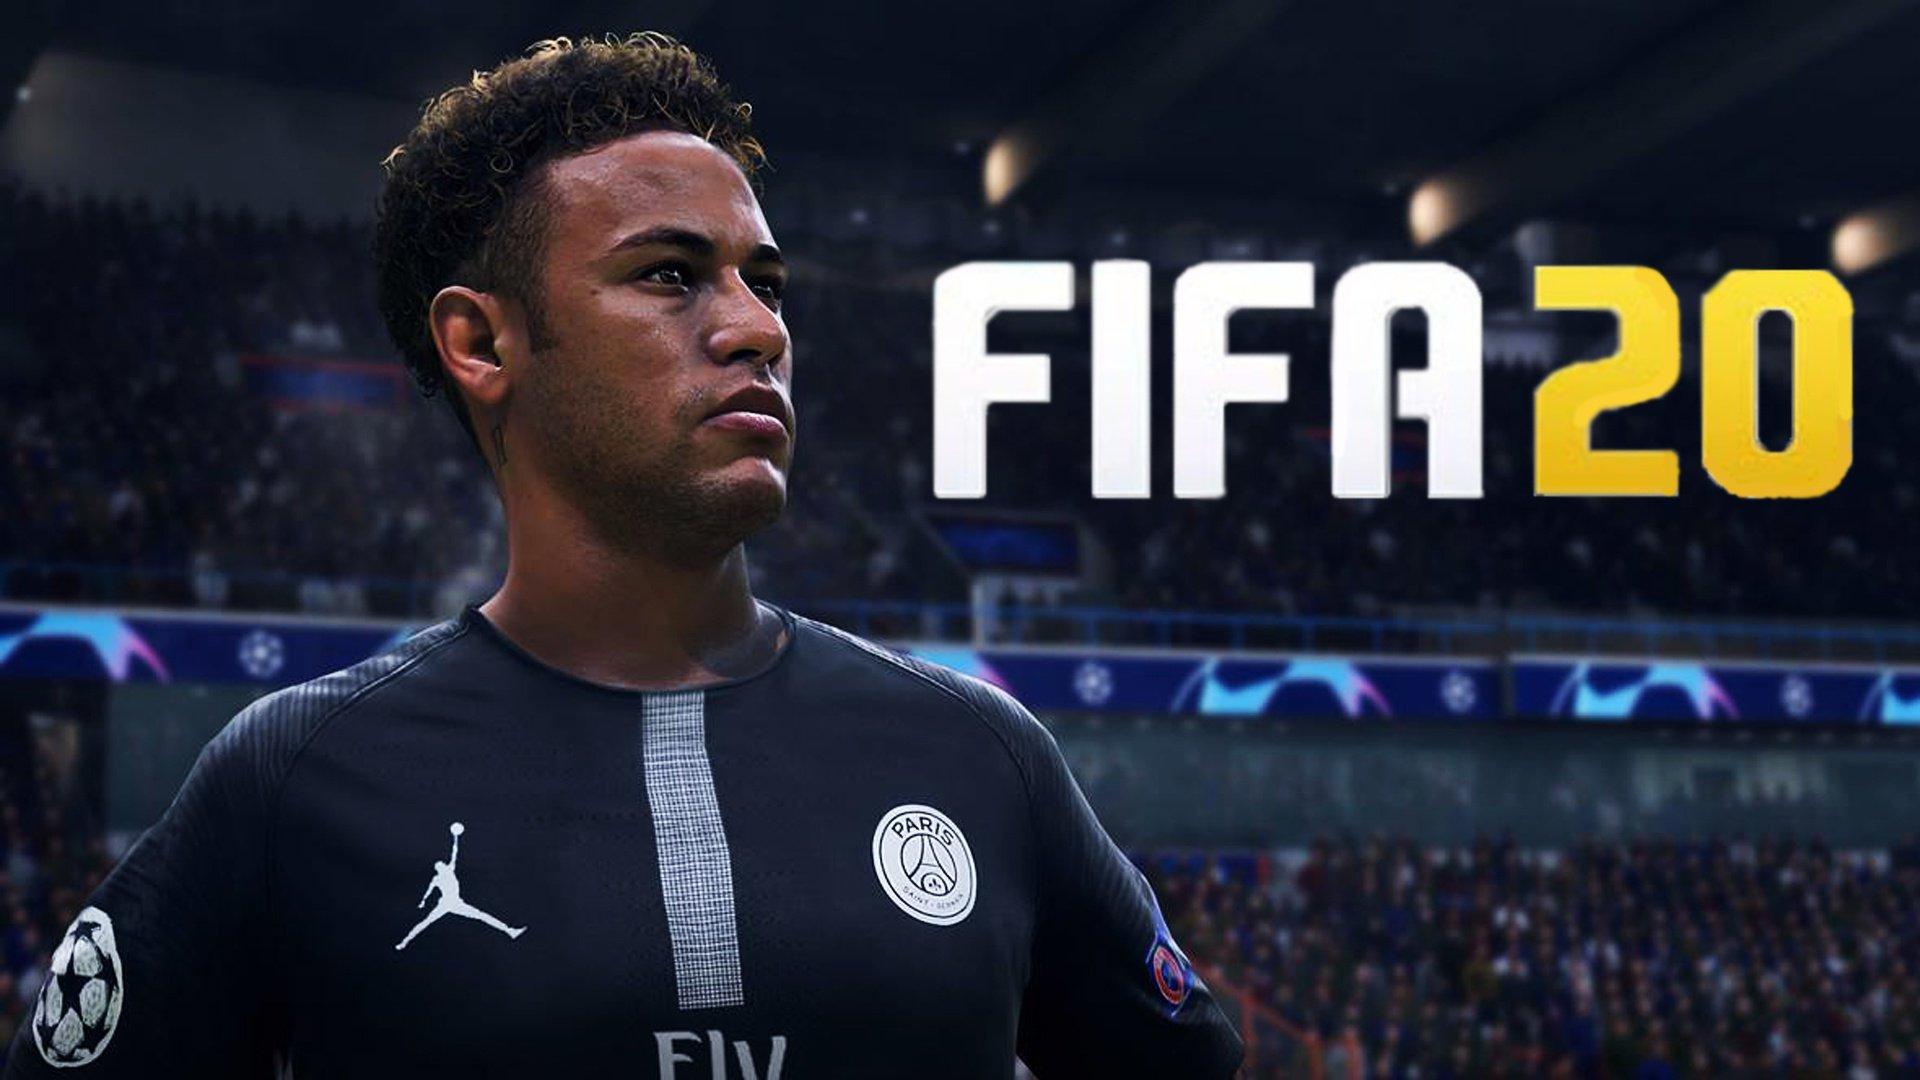 Официальный трейлер FIFA 20